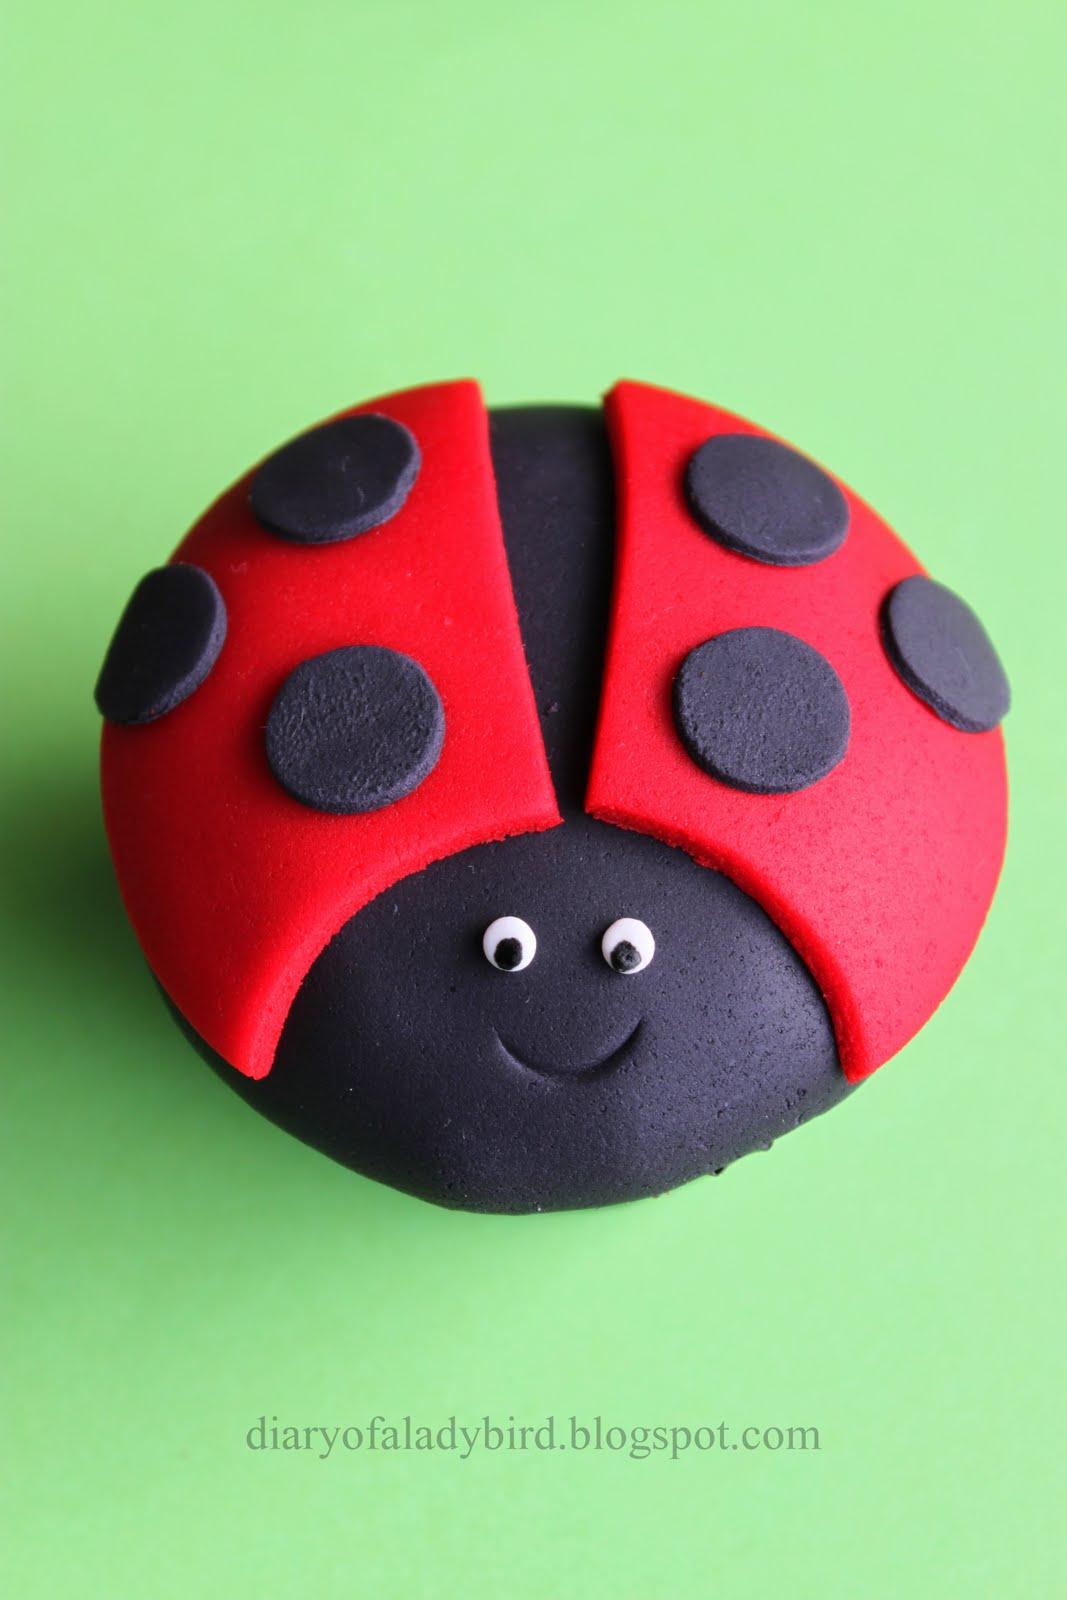 Diary Of A Ladybird Ladybird Cupcakes